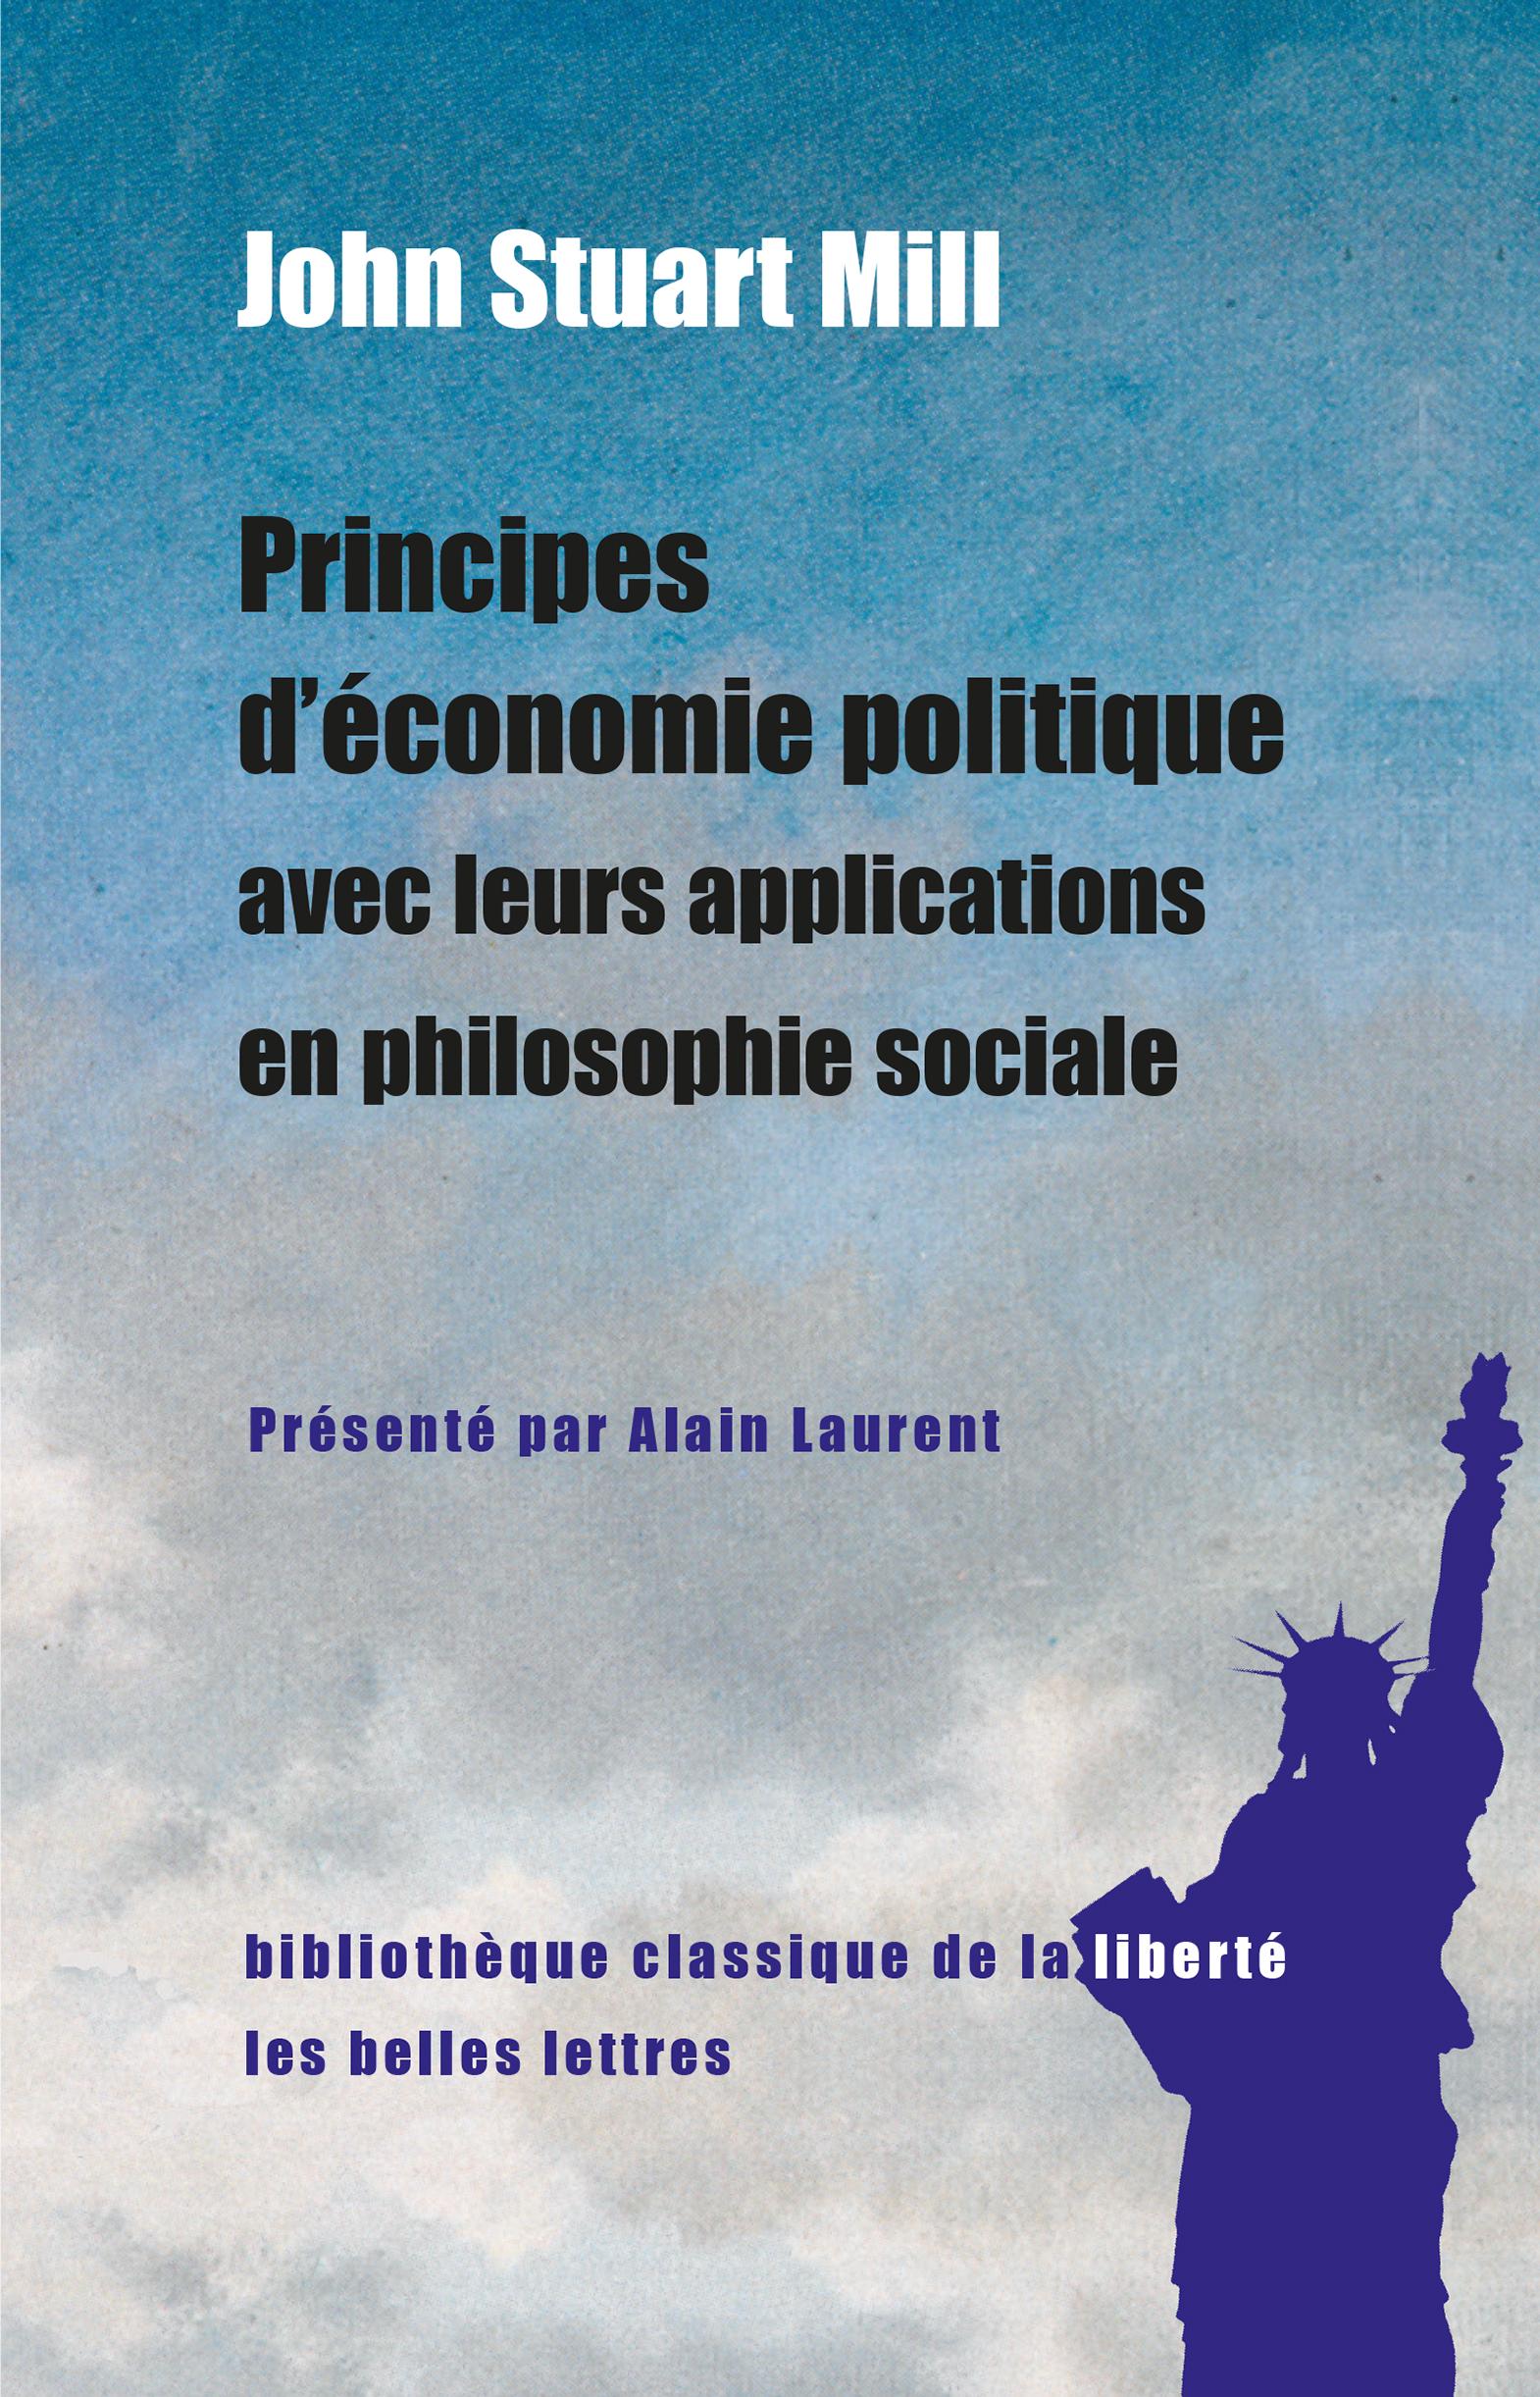 Principes d'économie politique avec leurs applications en philosophie sociale